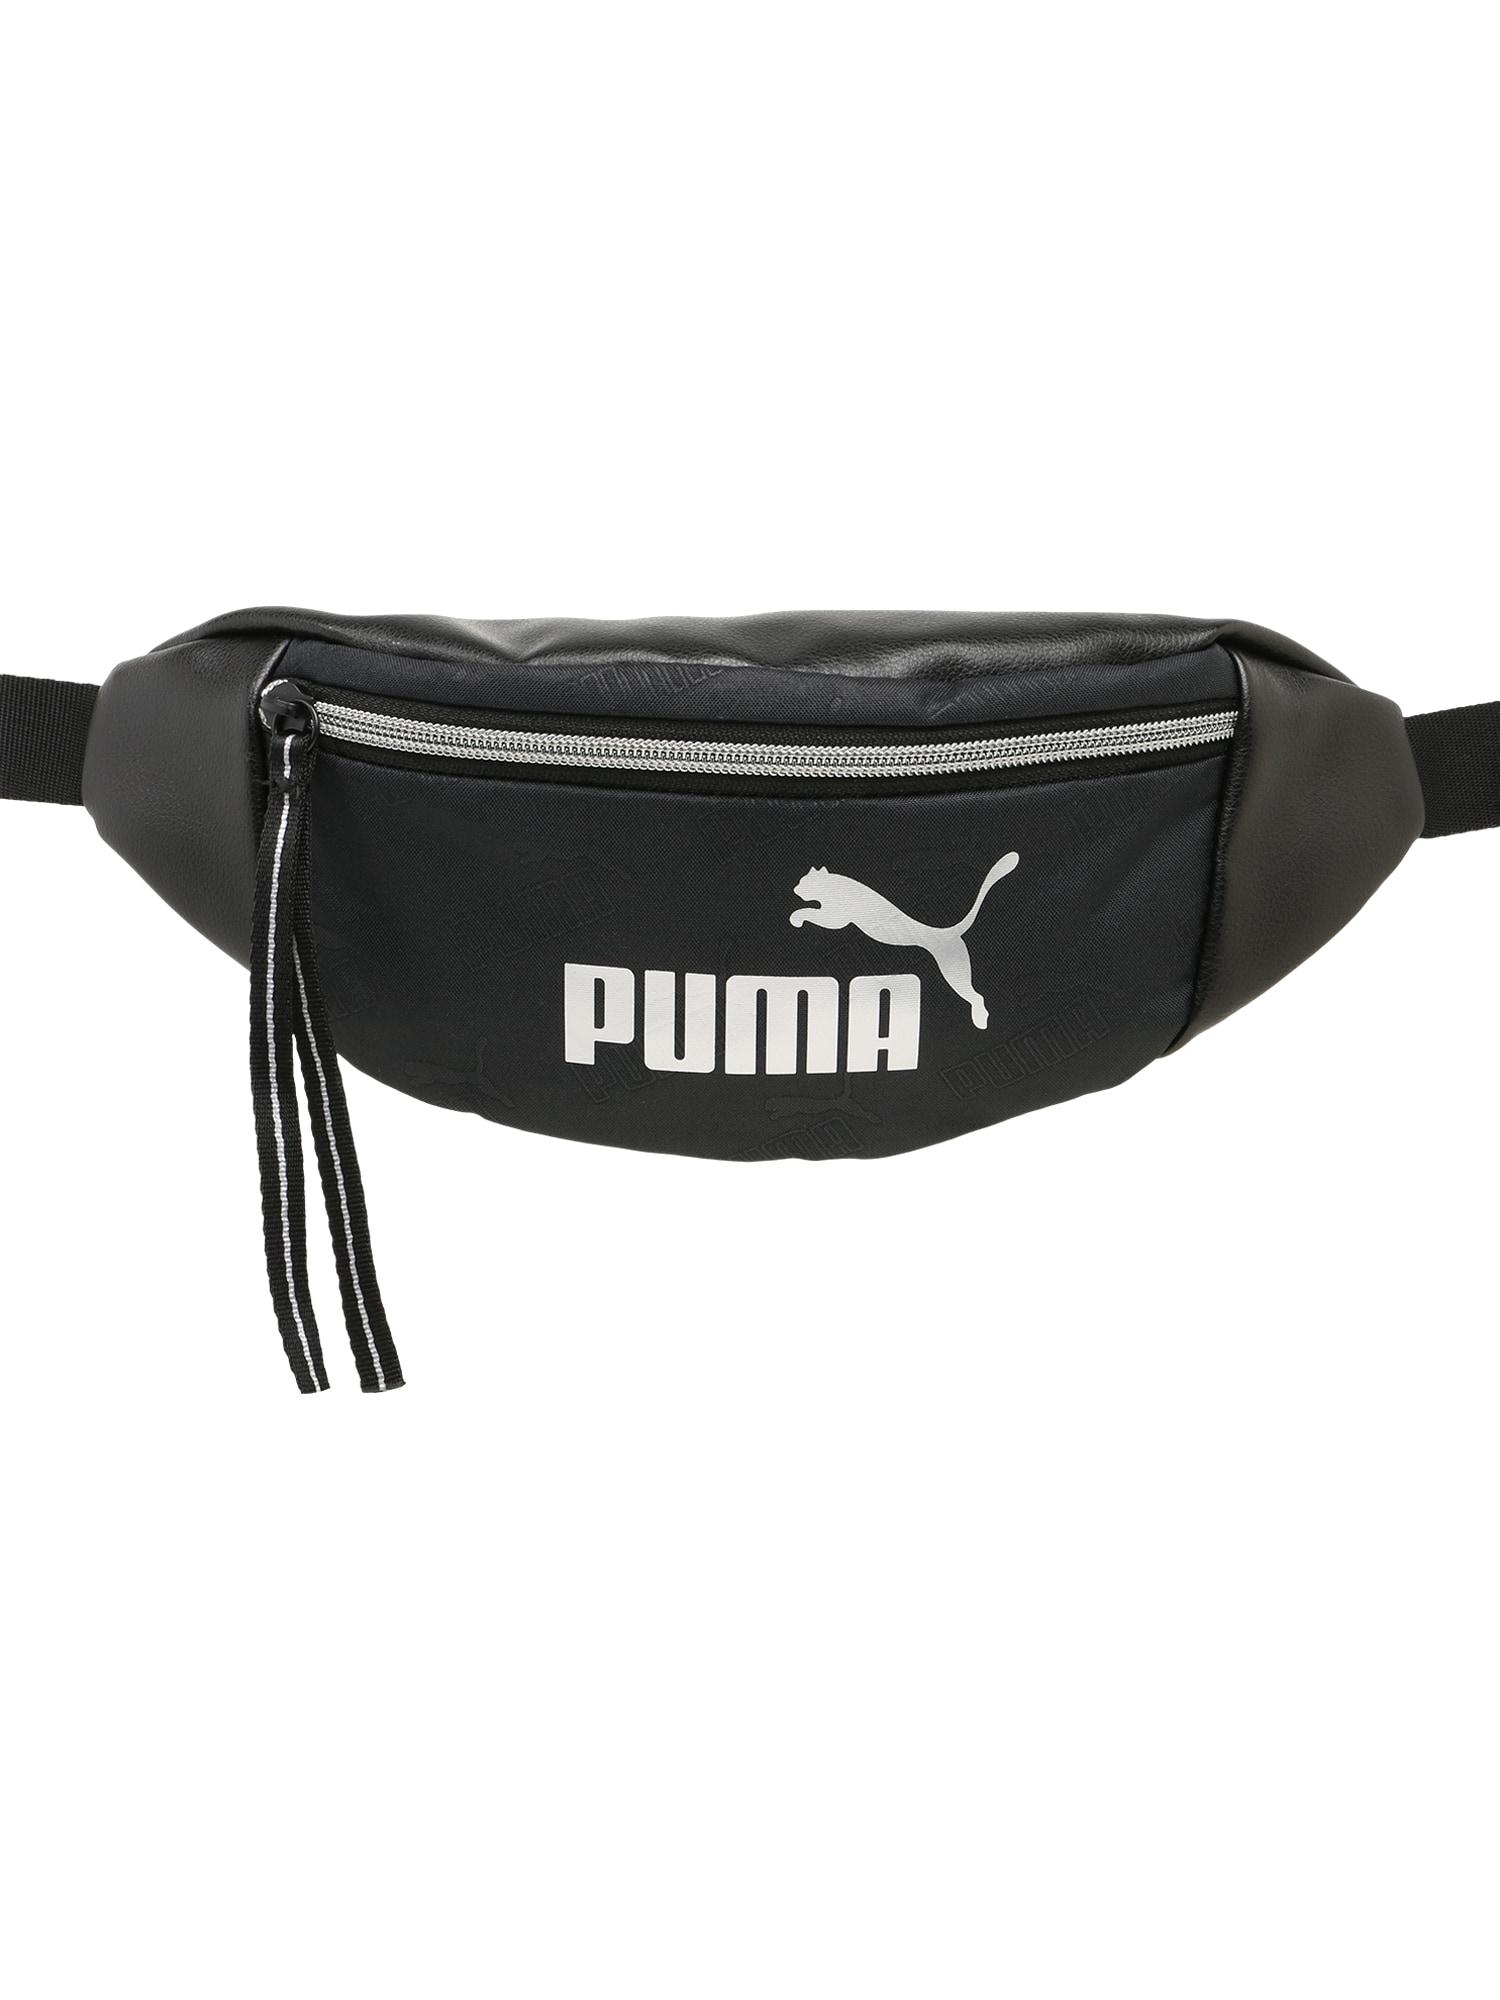 PUMA Sportinė rankinė ant juosmens juoda / balta